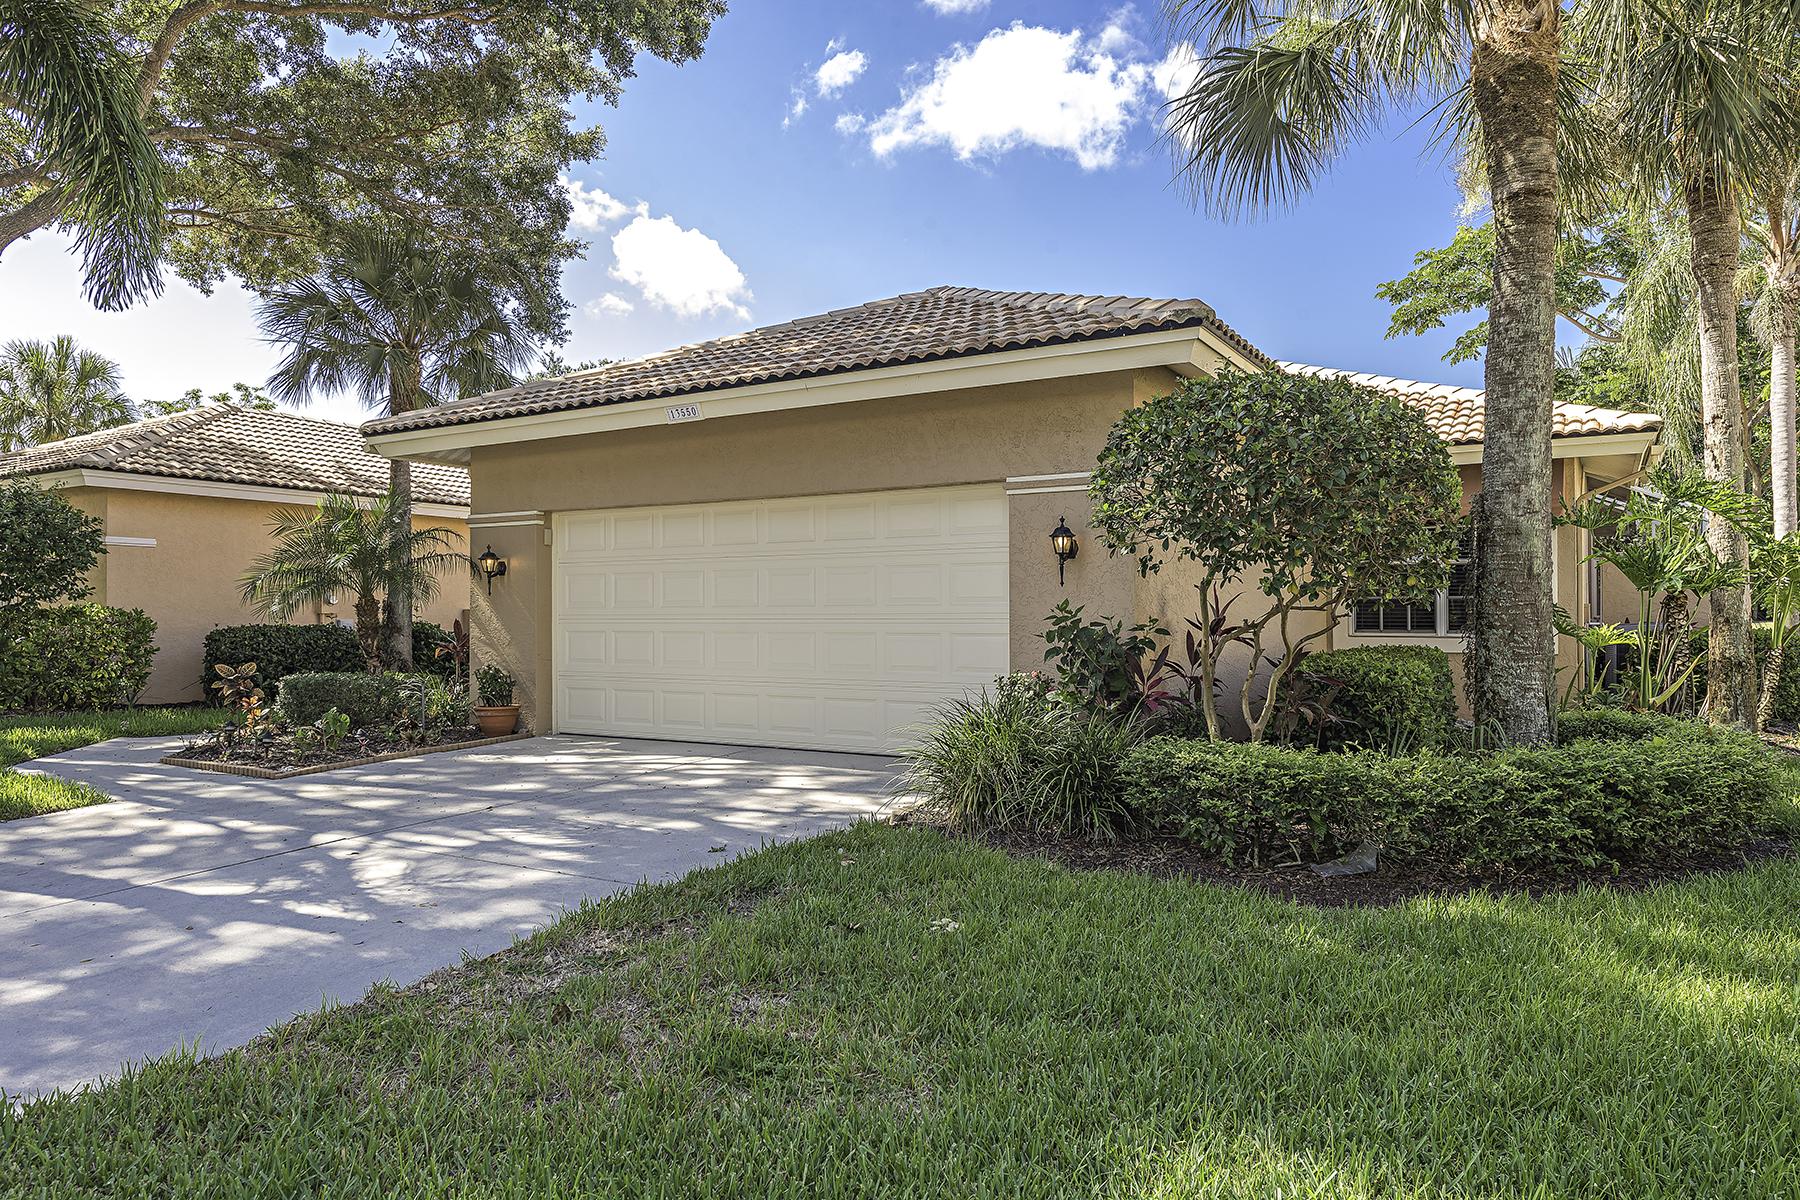 단독 가정 주택 용 매매 에 WORTHINGTON 13550 Southampton Dr Bonita Springs, 플로리다, 34135 미국